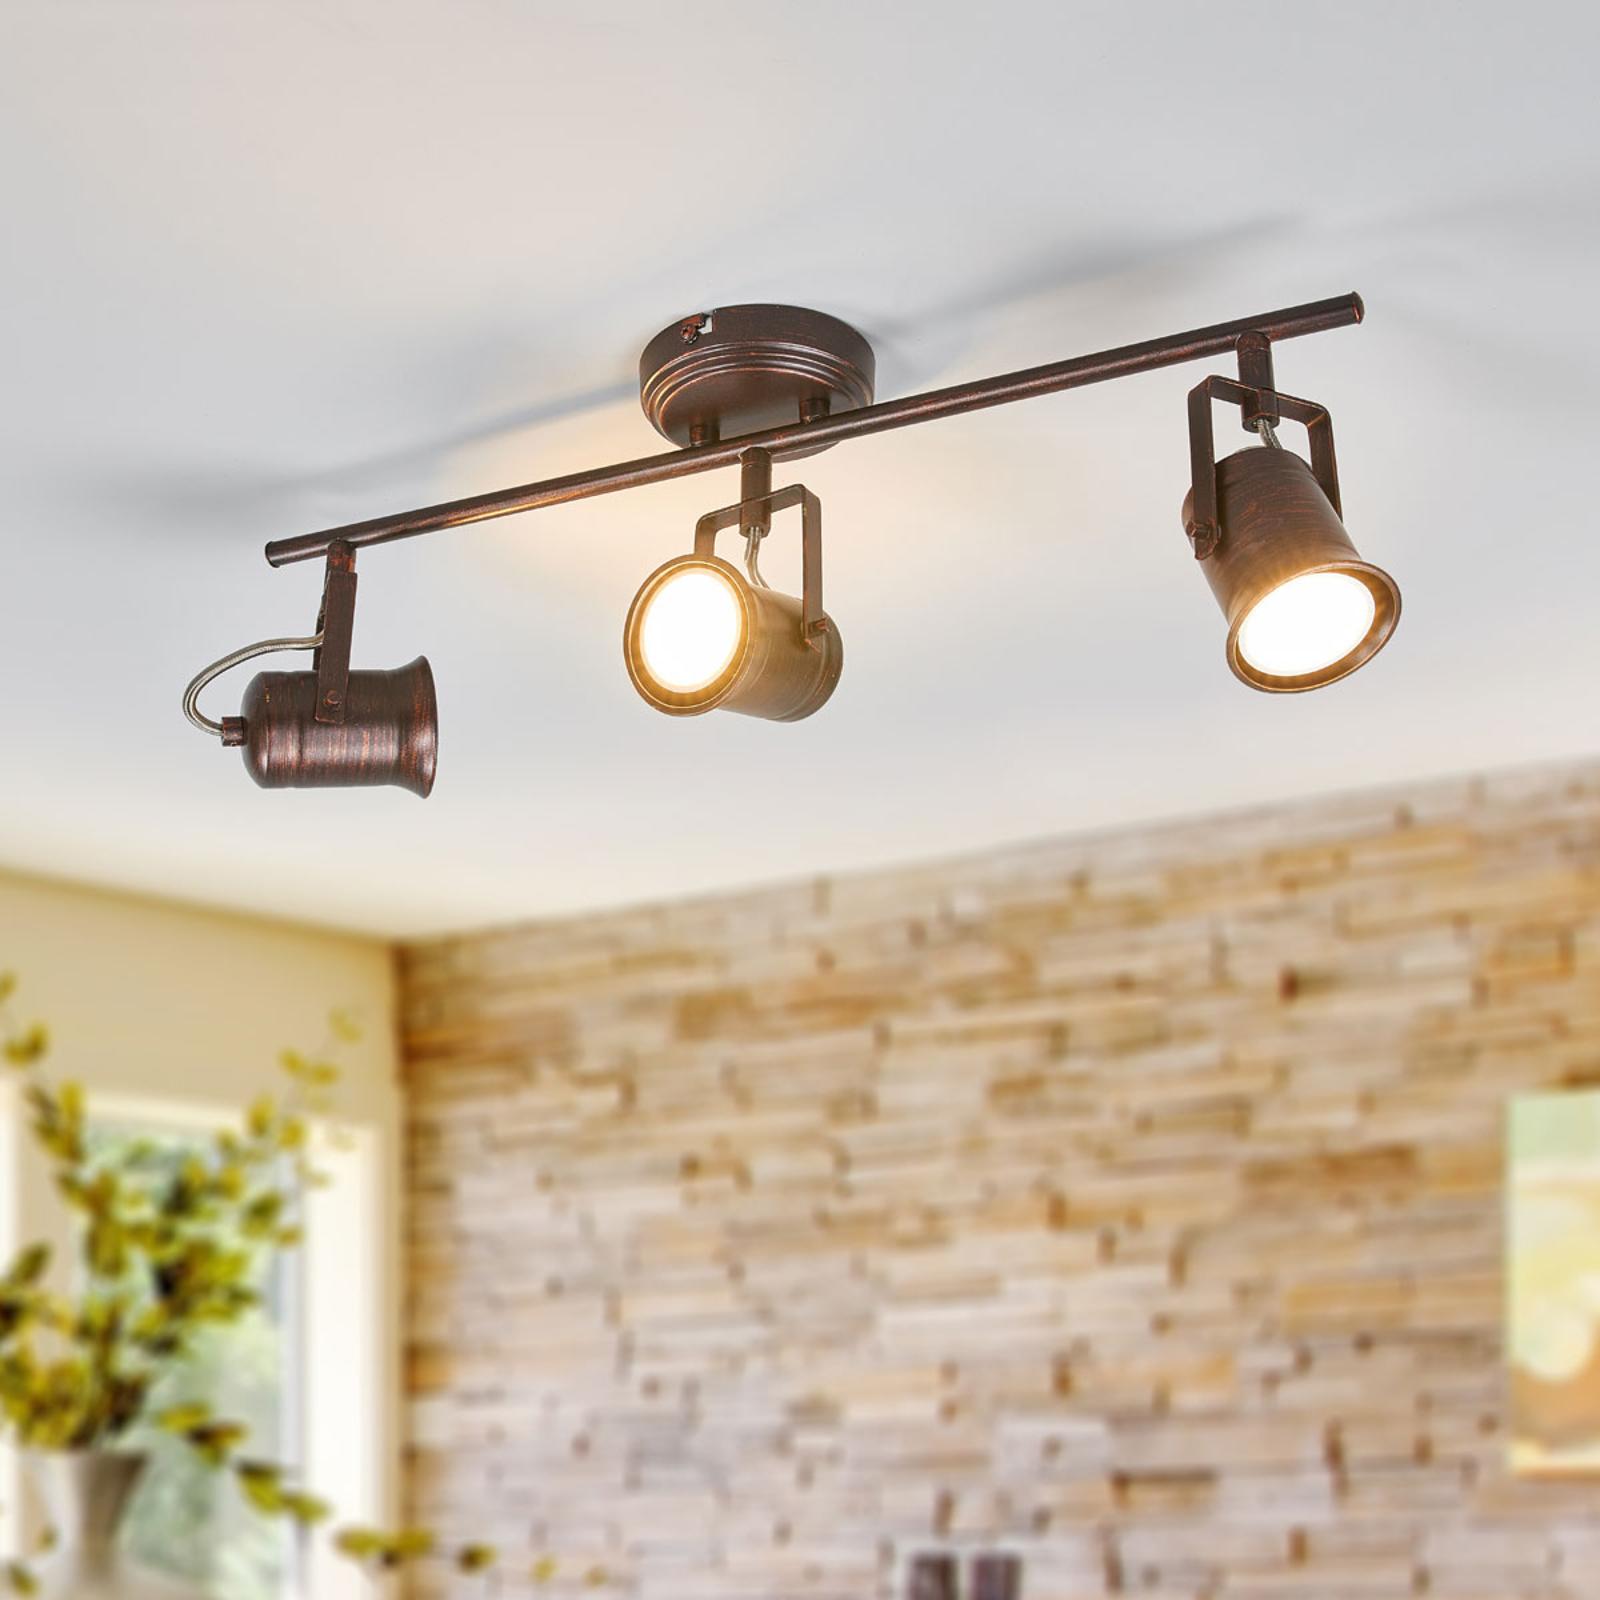 Rustykalna lampa sufitowa LED Cansu, brązowy